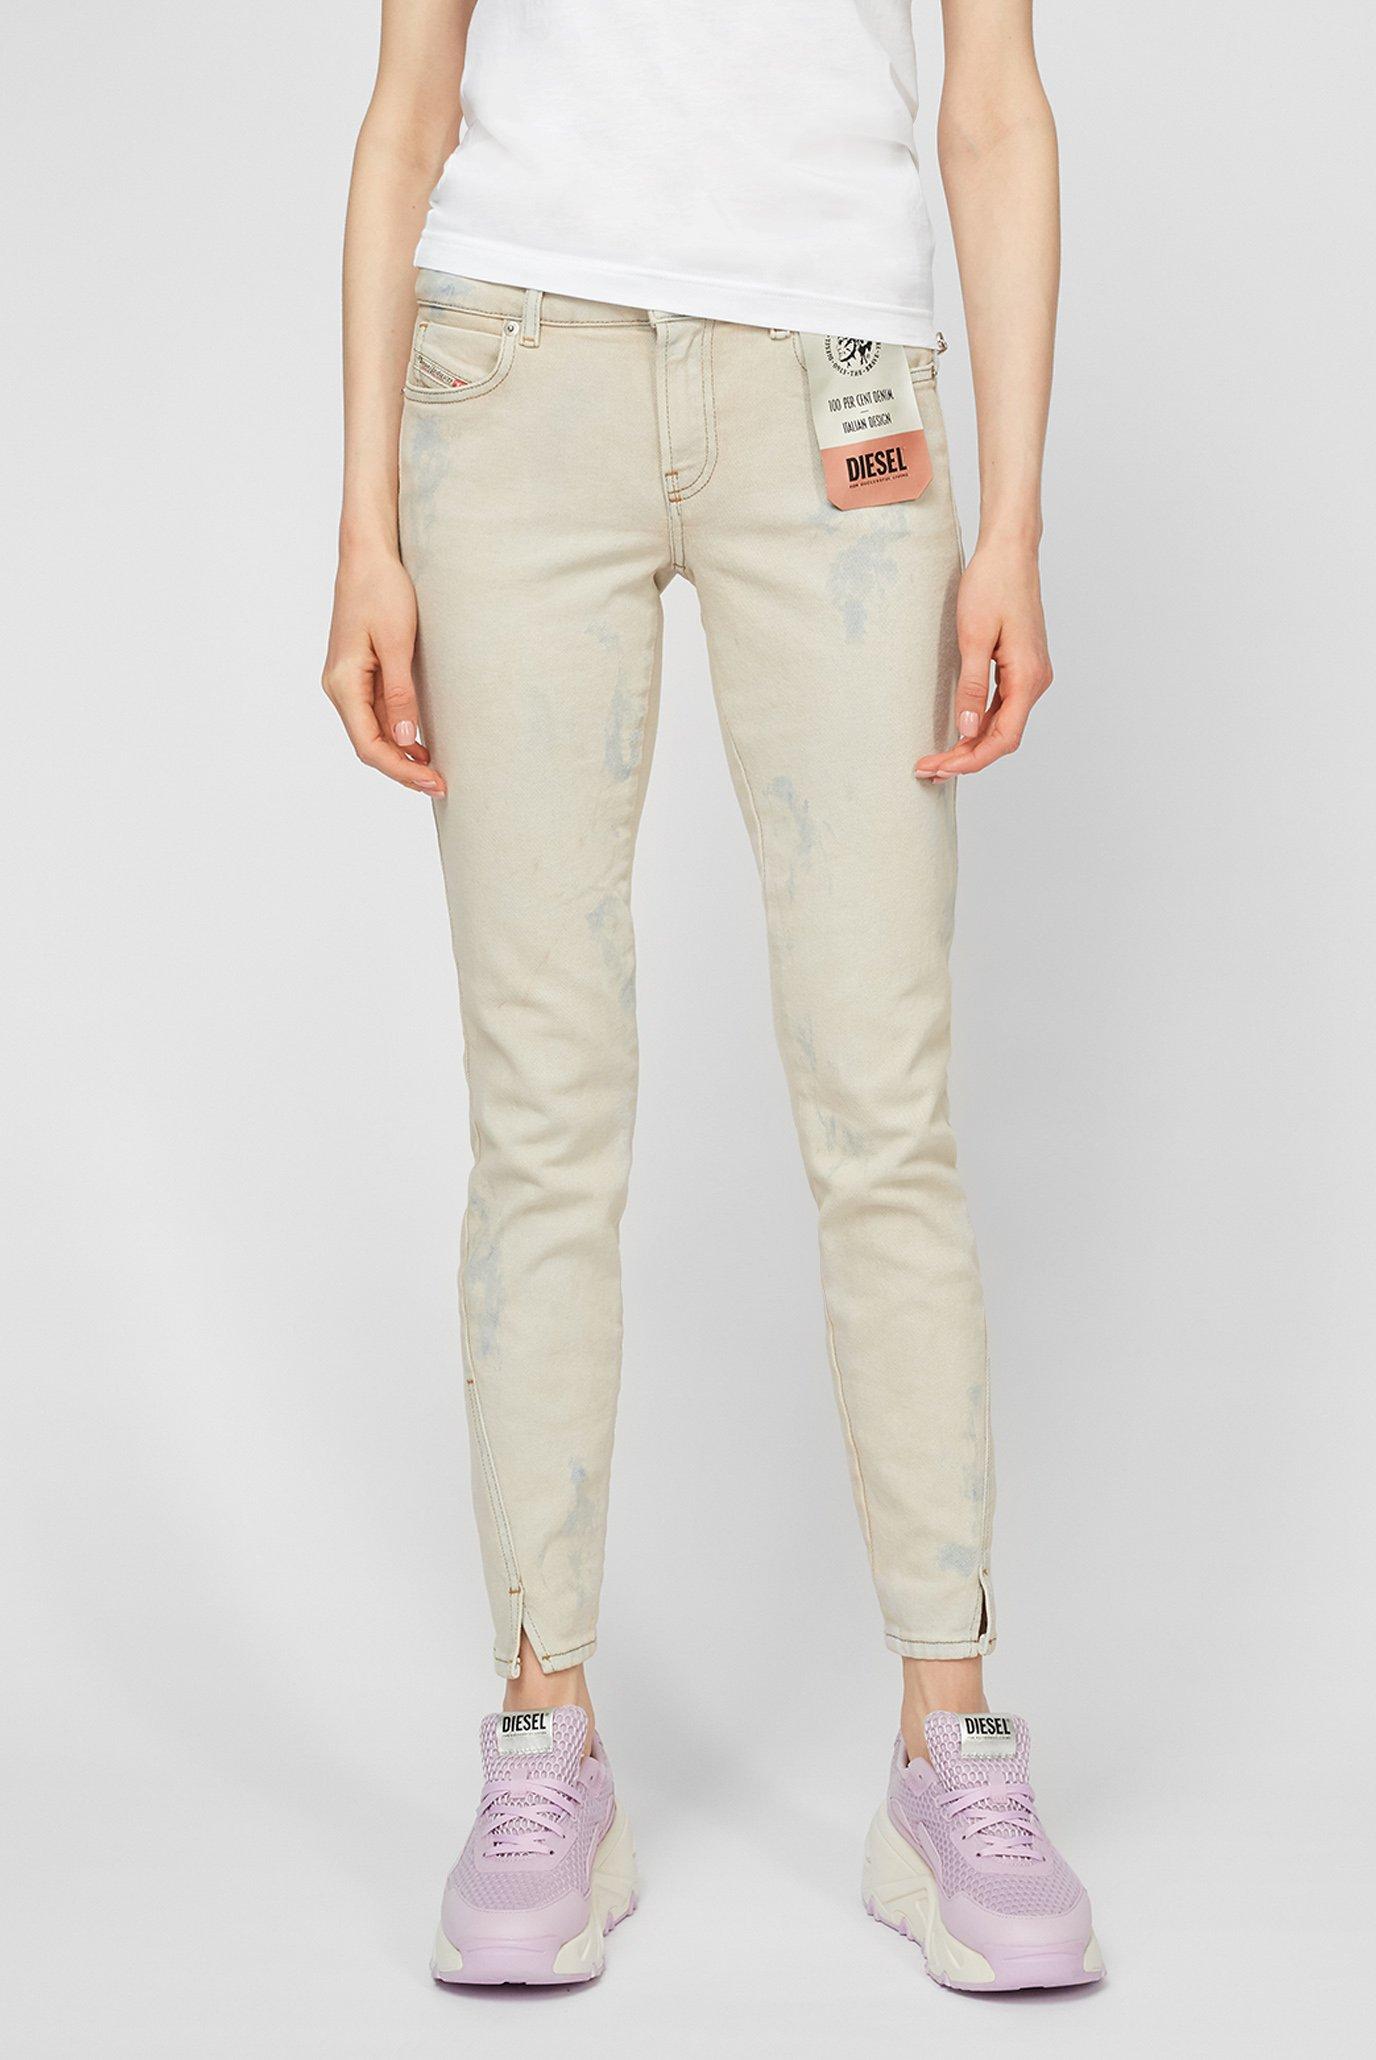 Жіночі бежеві джинси D-JEVEL 1